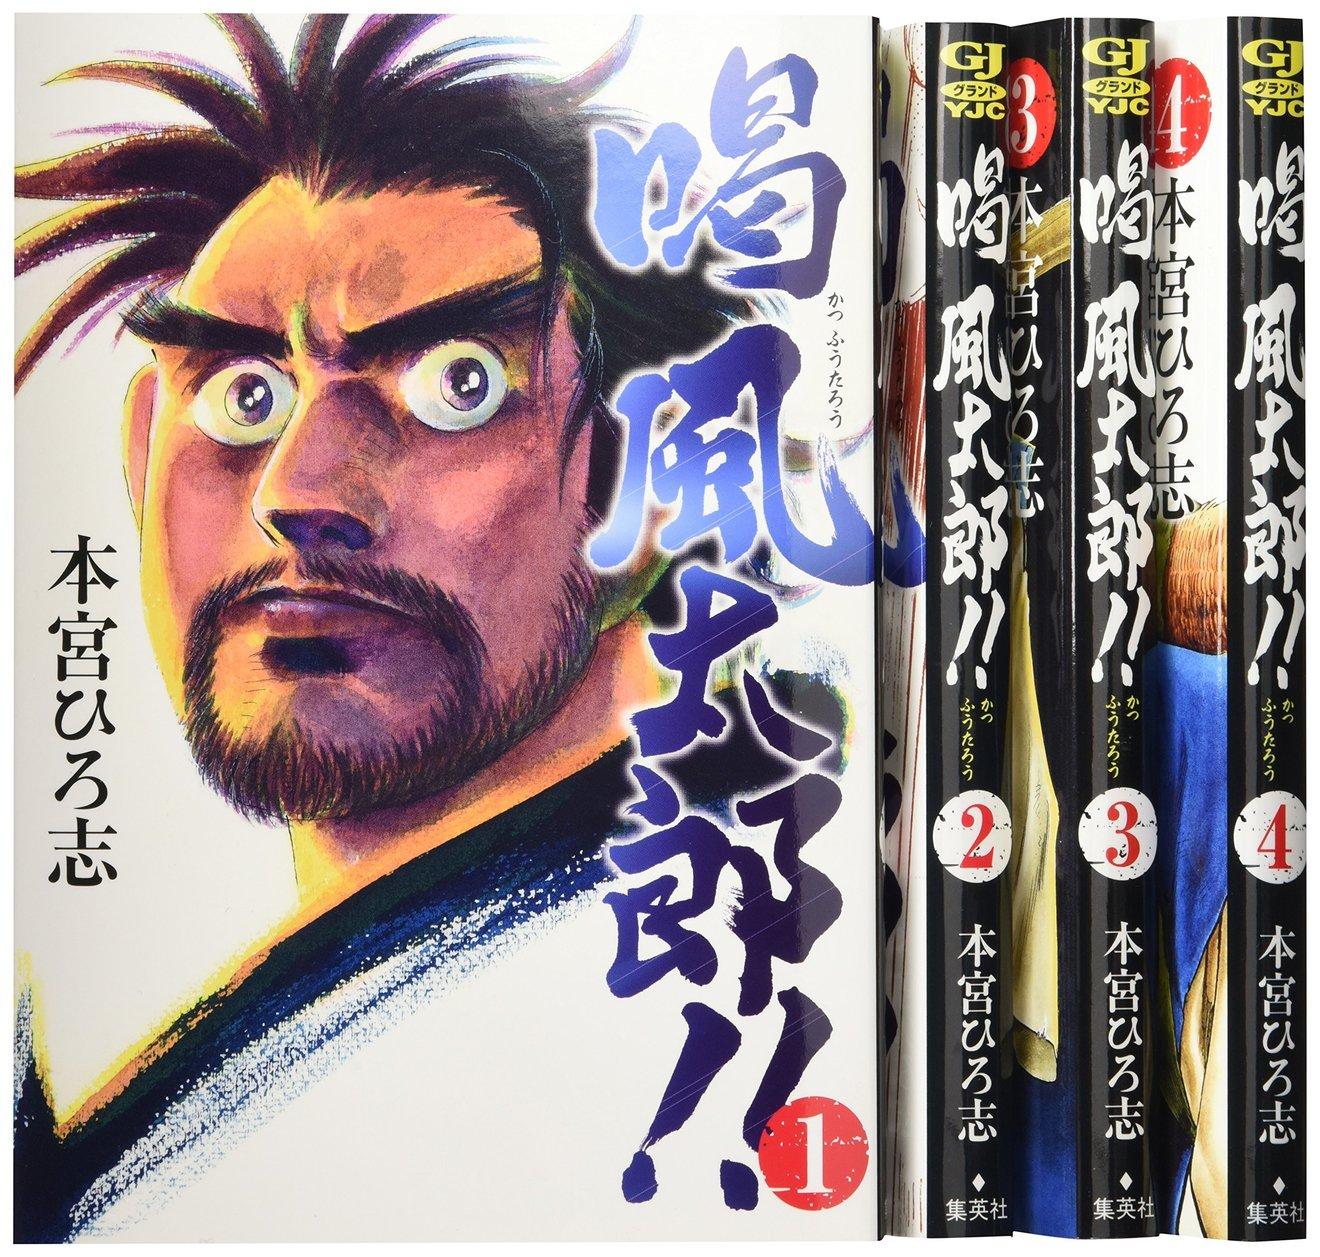 『喝 風太郎!!』を全巻ネタバレ紹介!映画化決定の破天荒漫画が面白い!